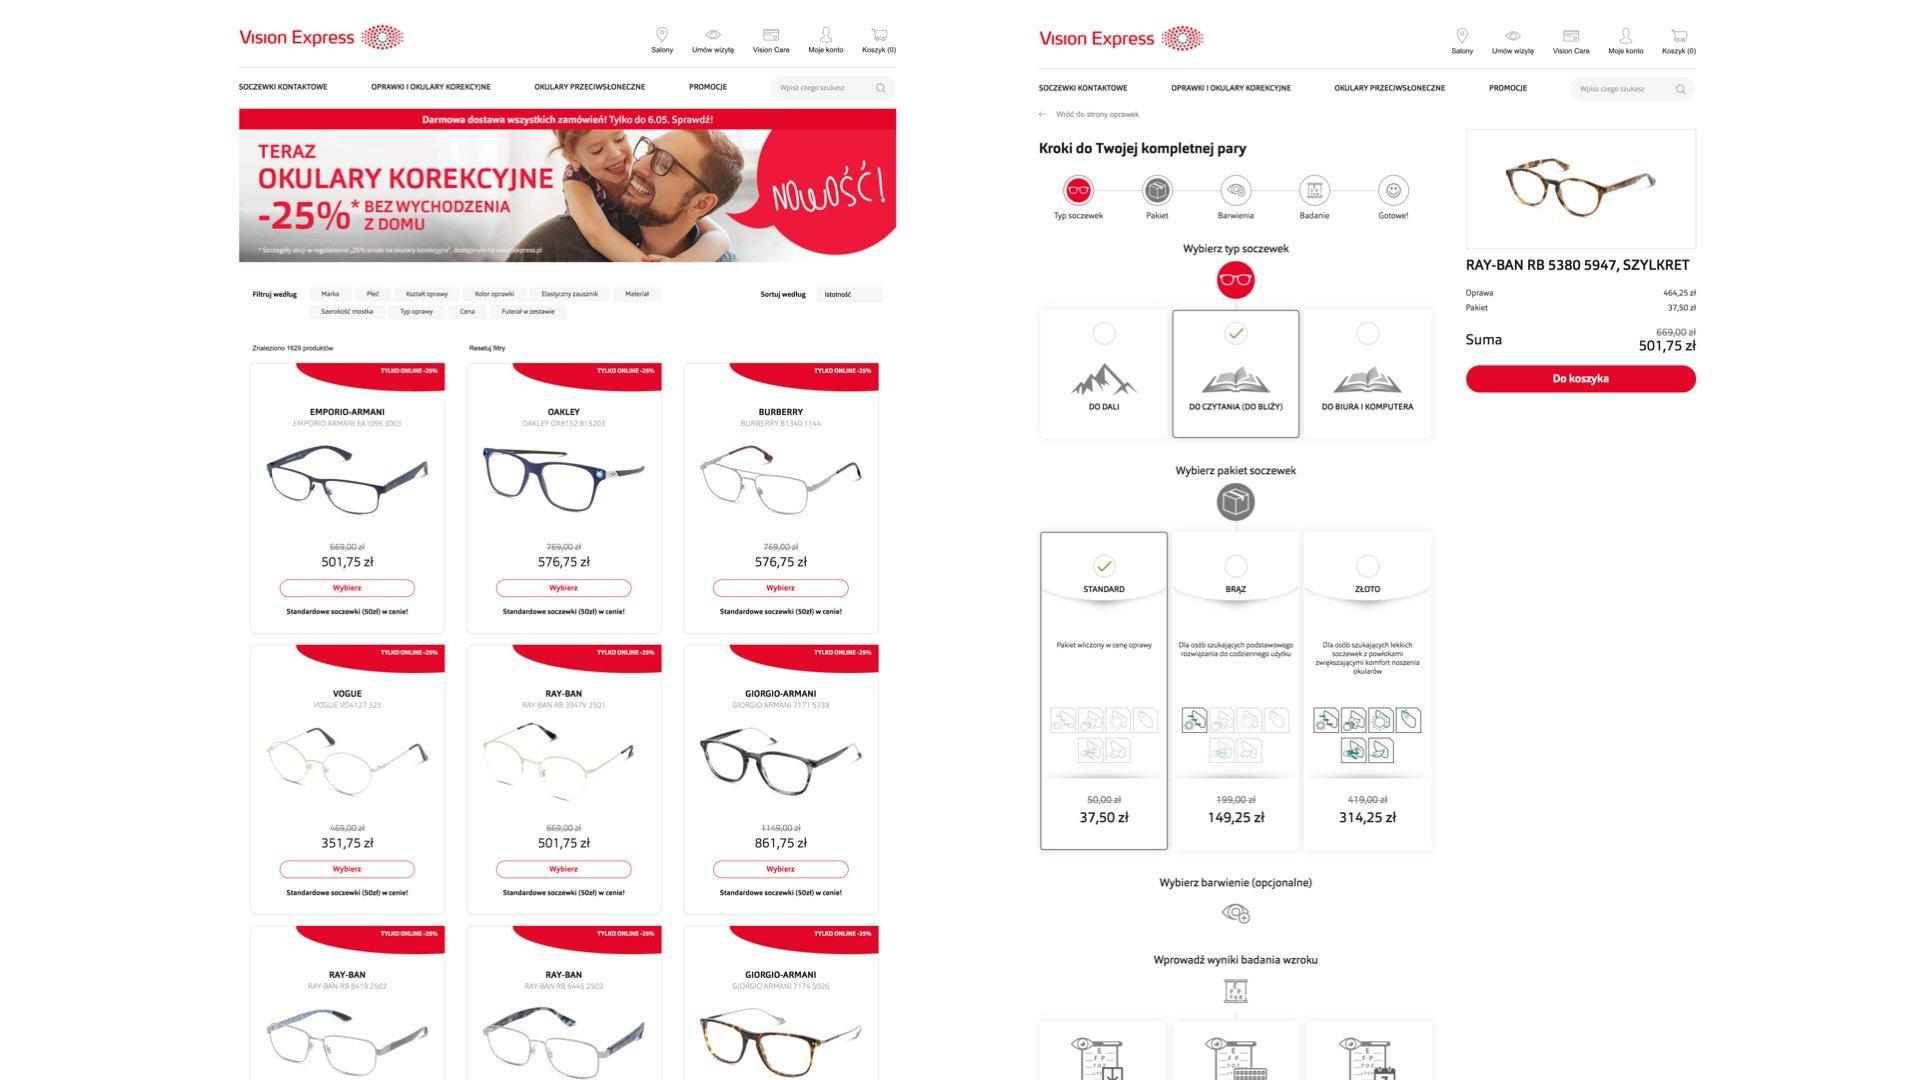 Vision Express desktop